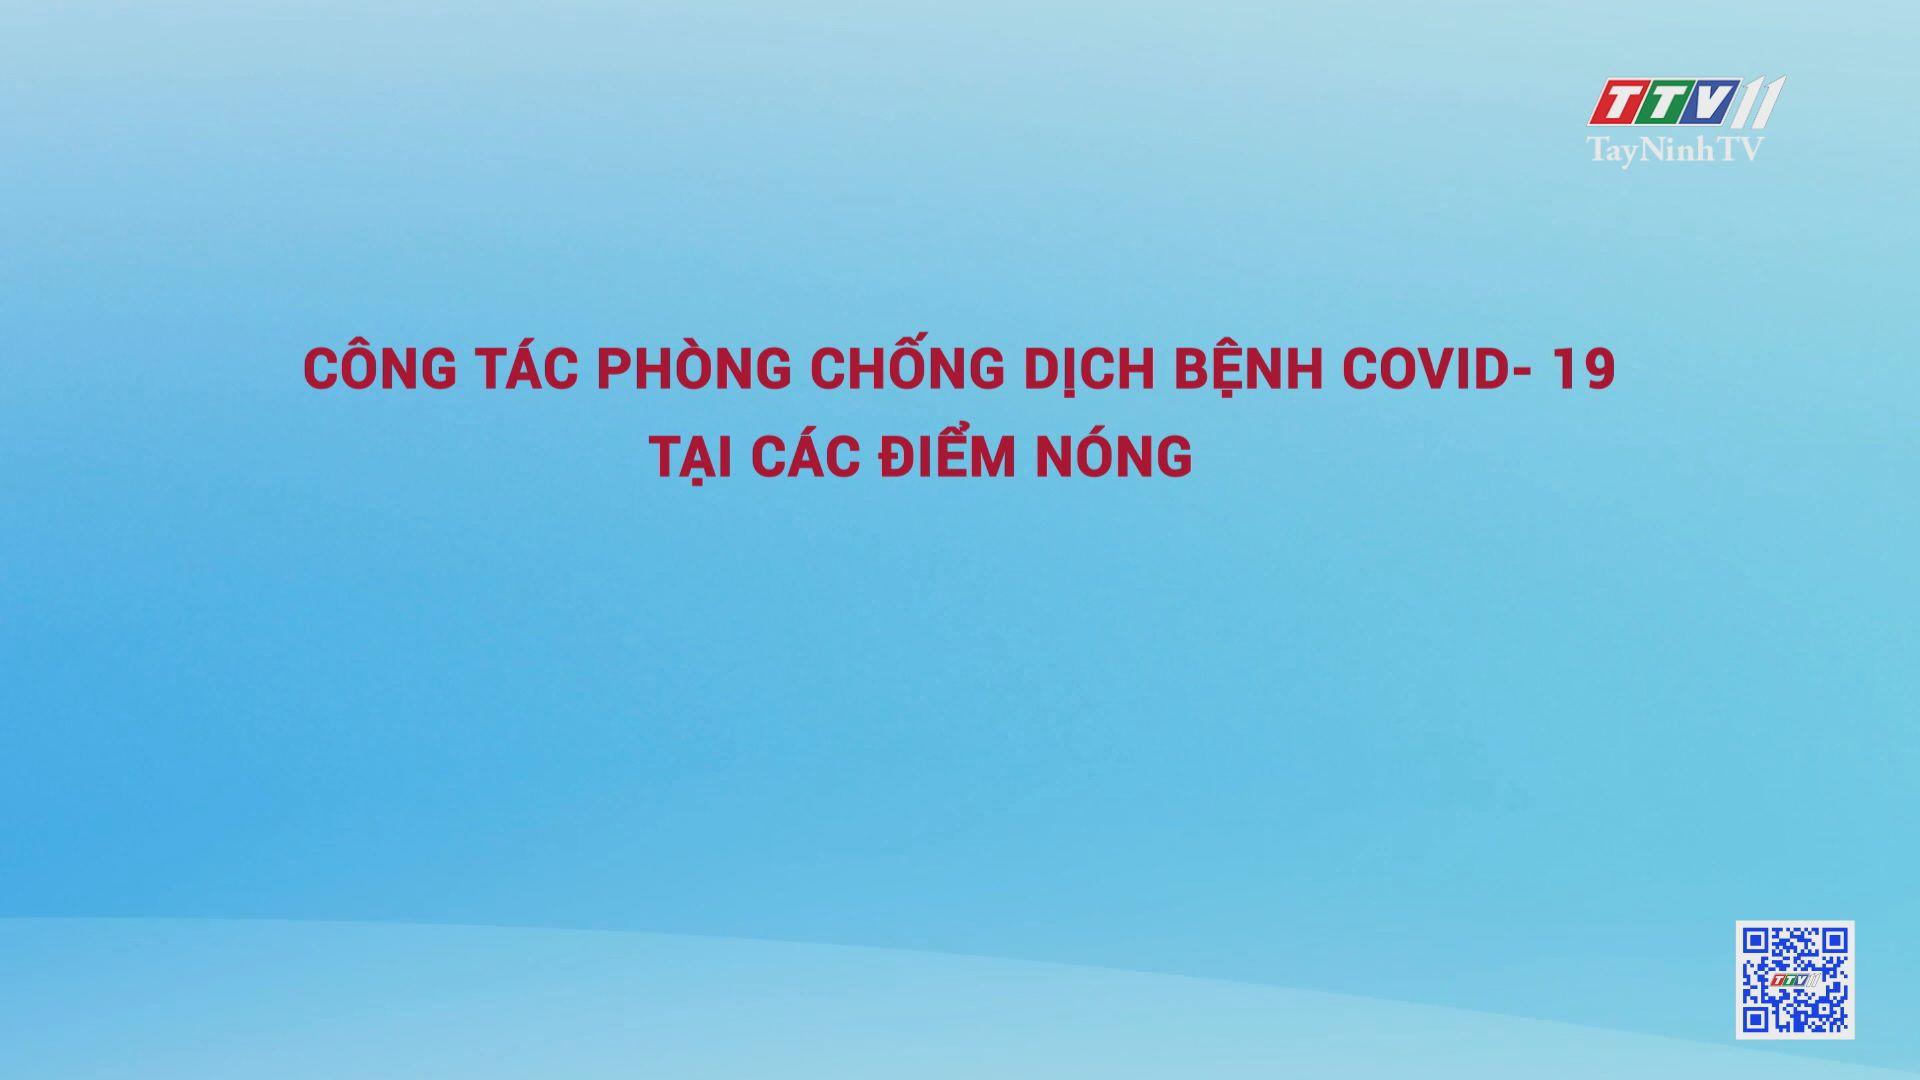 Tây Ninh trong cuộc chiến với dịch bệnh Covid-19 | Tiếng nói cử tri | TâyNinhTV